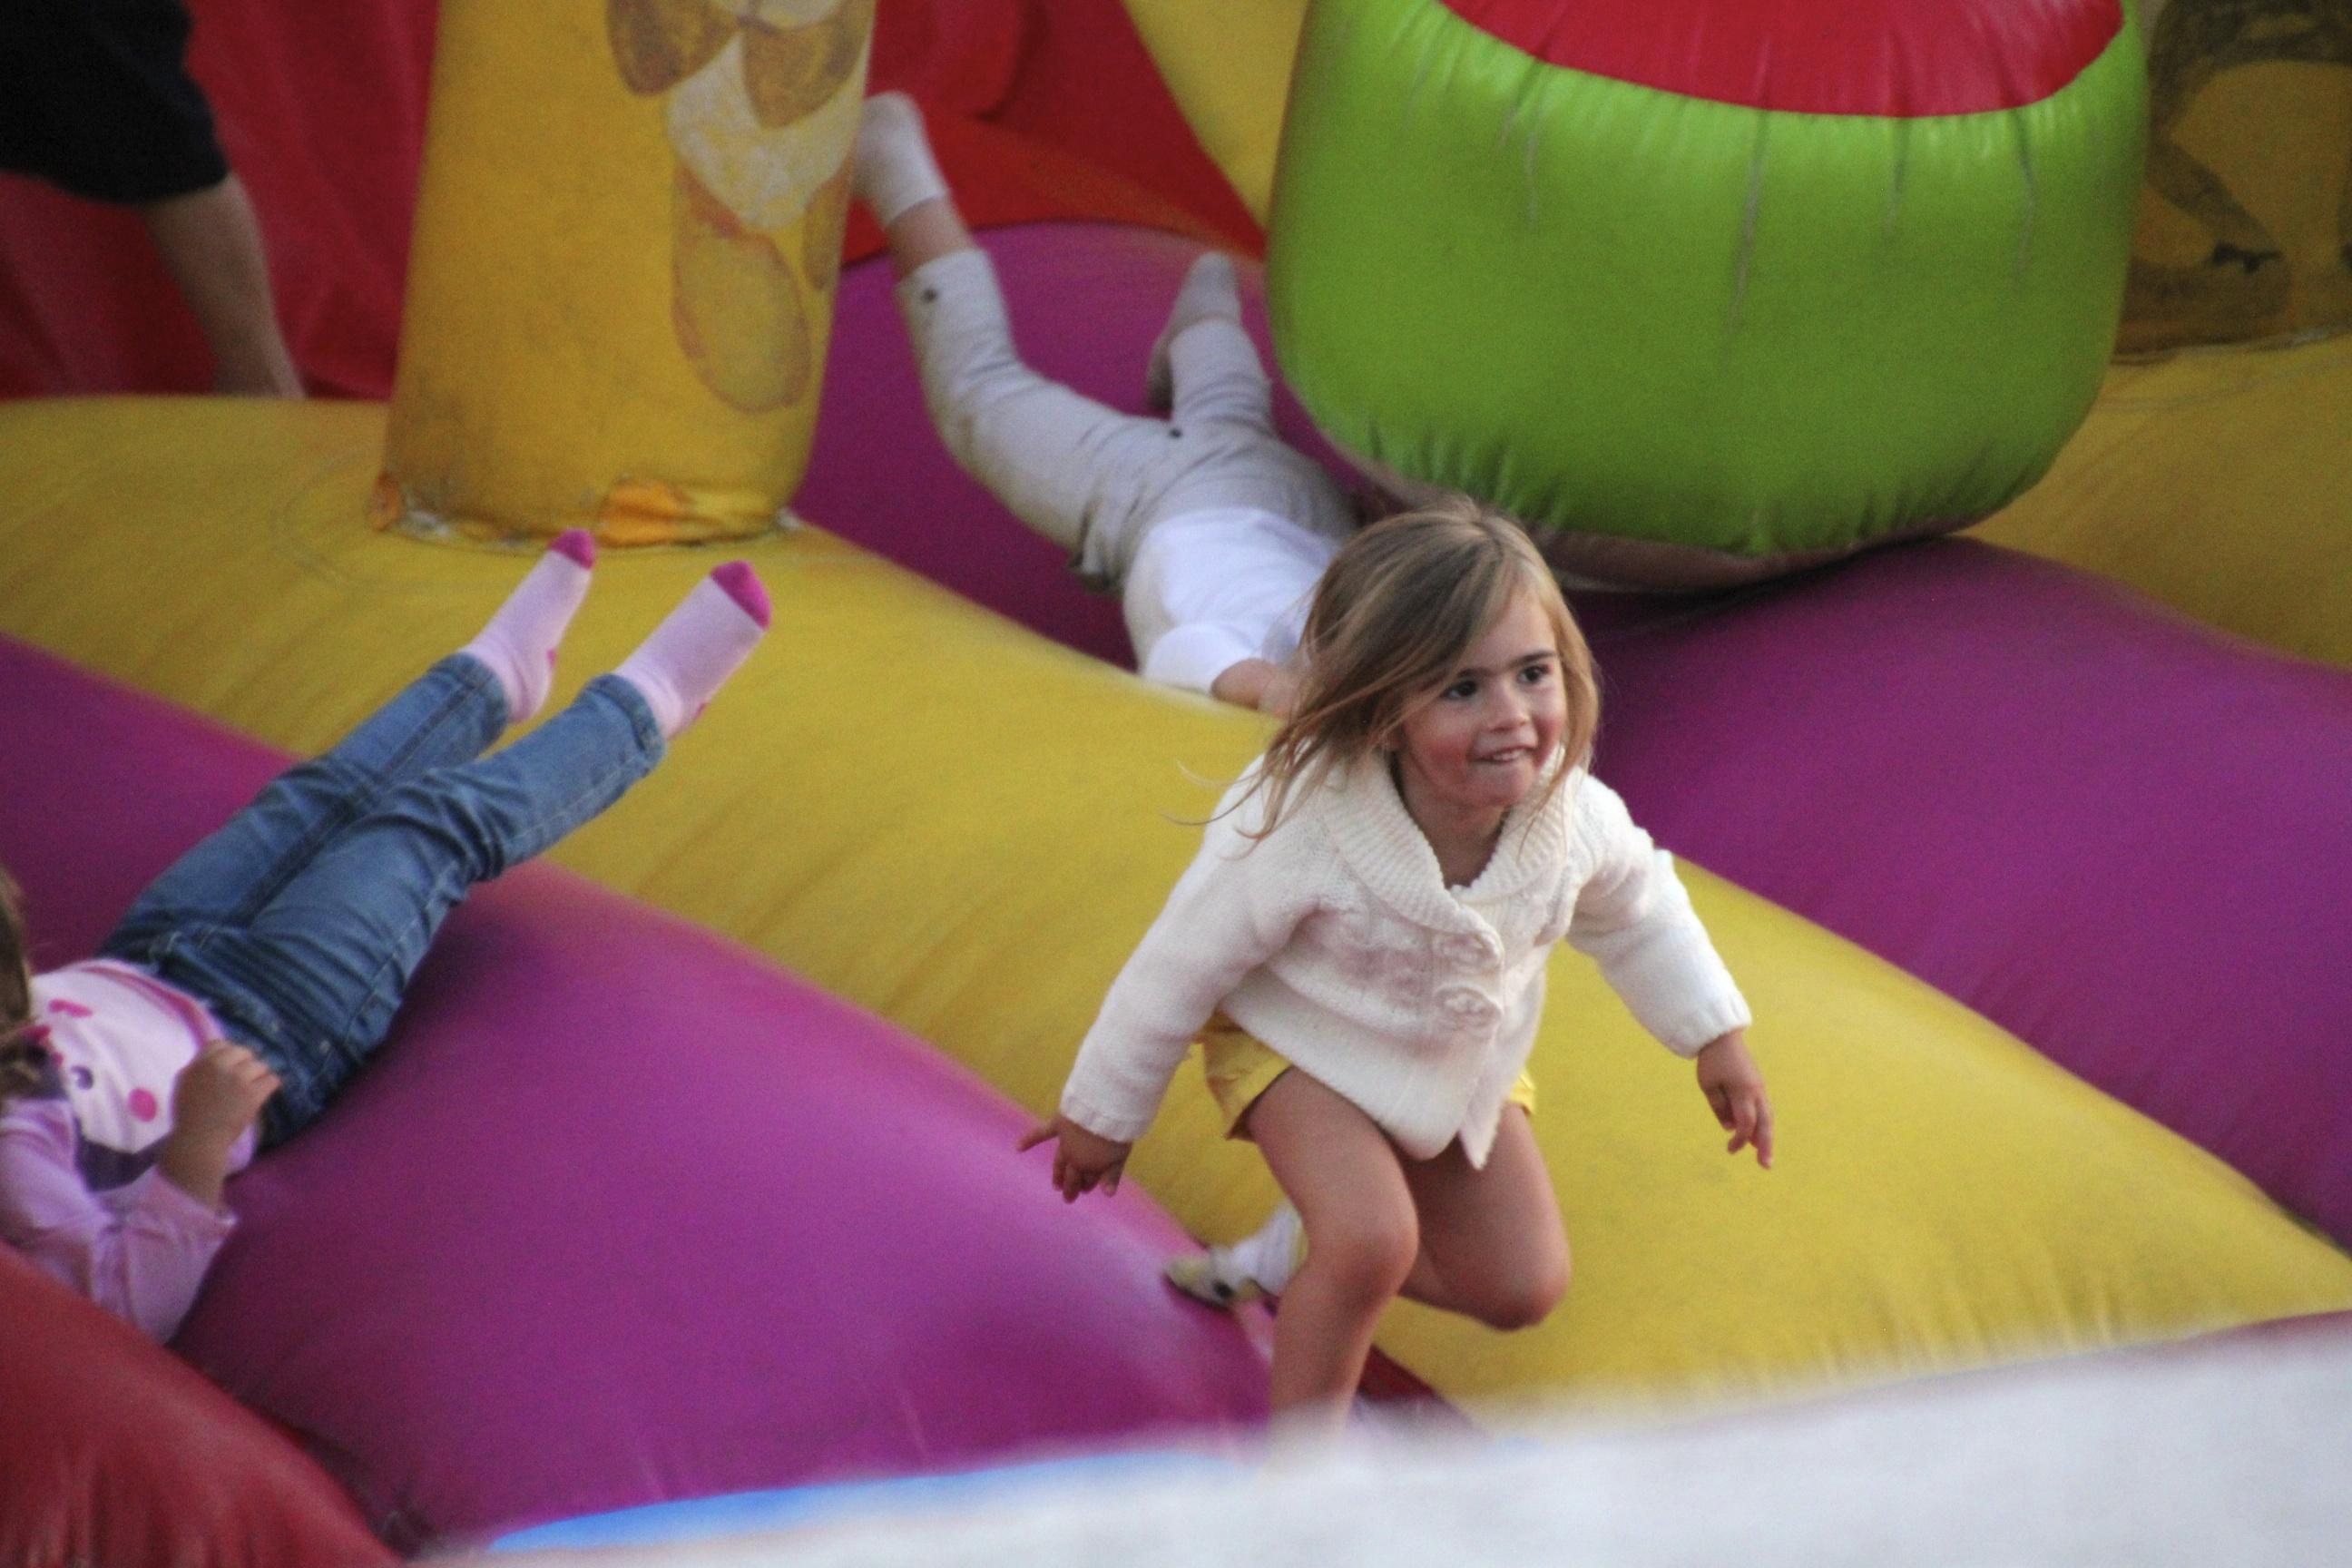 Lapset viihtyivät pomppulinnassa koko päivän. Se tulee olemaan vakiovarustus myös Suomessa lastemme juhlissa.